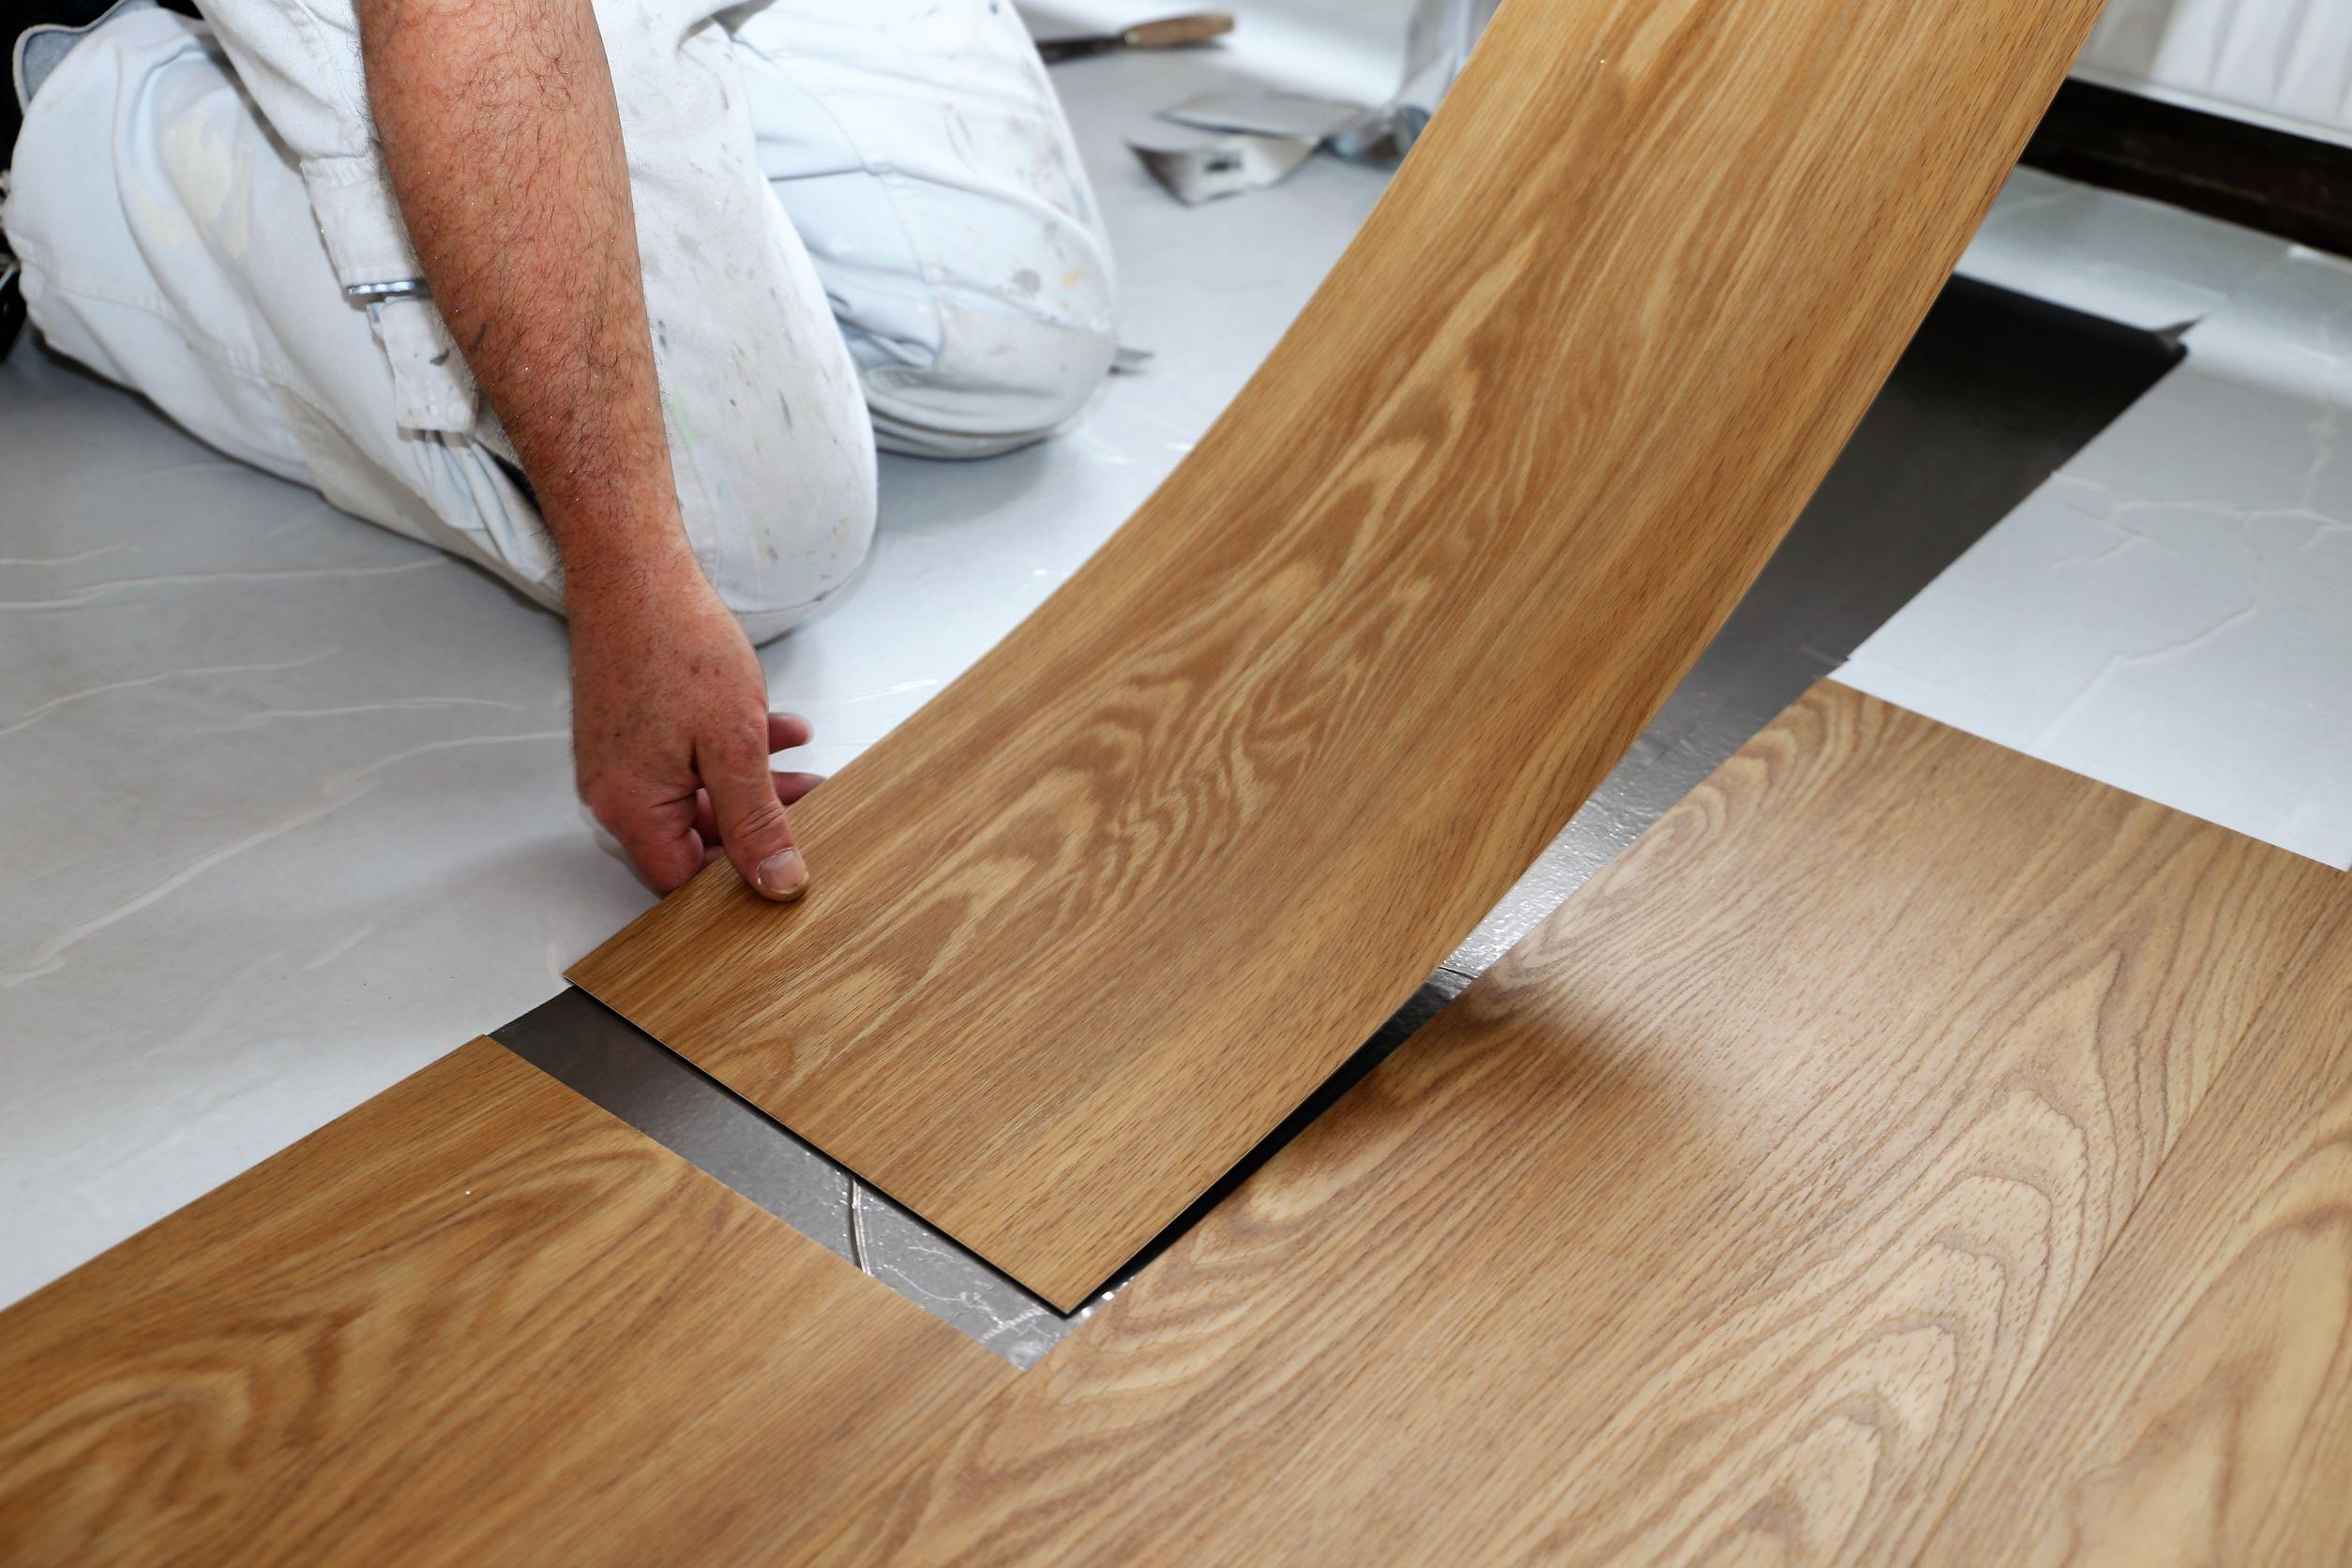 golvläggningar våtrumsläggningar badrumsrenoveringar golvslipning Tidaholm med omnejd